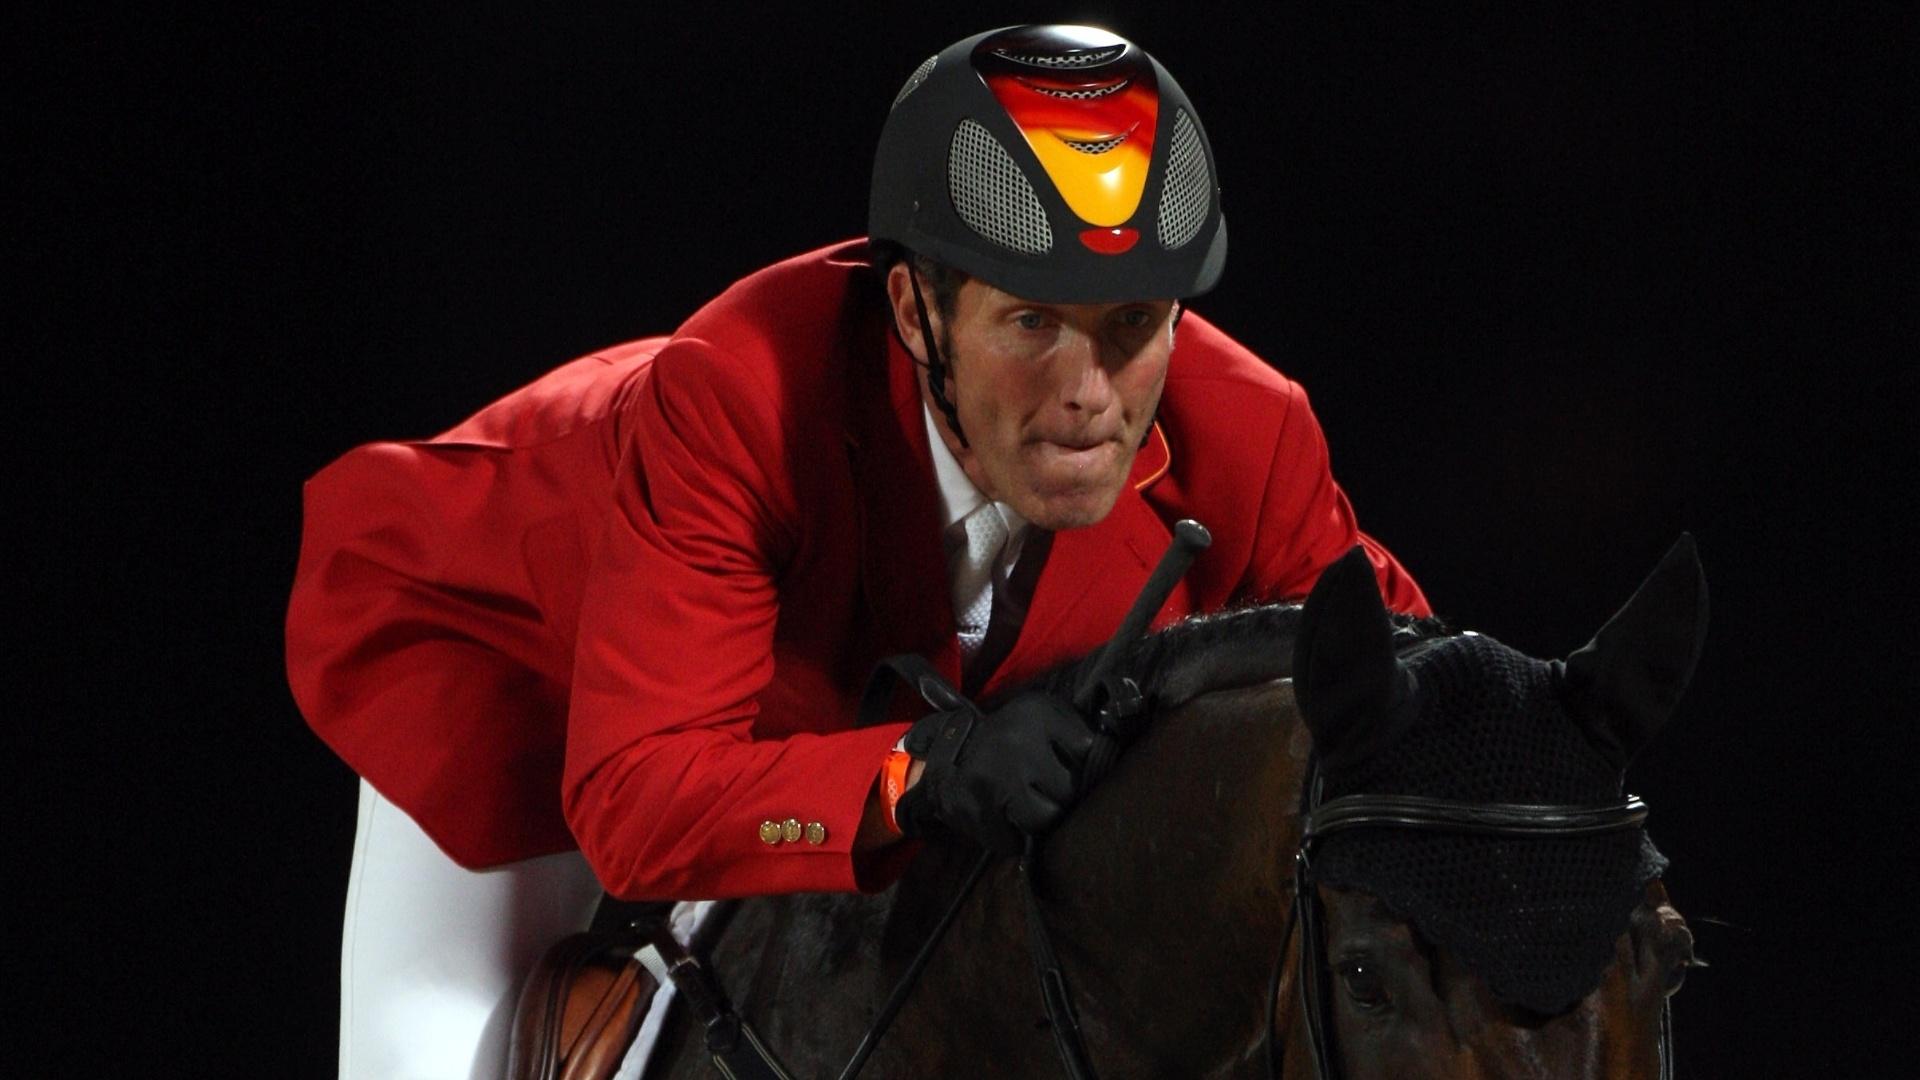 Aos 48 anos, Ludger Beerbaum é um dos atletas mais experientes da Olimpíada, mas também um dos mais vencedores. Seu primeiro ouro foi em Seul, em 1988, no salto por equipes, ainda pela antiga Alemanha Ocidental. Com o país já unificado, ele ganhou o salto individual em 1992, e por equipes em 1996 e 2000. Em 2004, chegou a participar do ouro da seleção alemã, mas como seu cavalo foi pego no exame antidoping, ele perdeu a medalha e o restante do time caiu para o bronze.